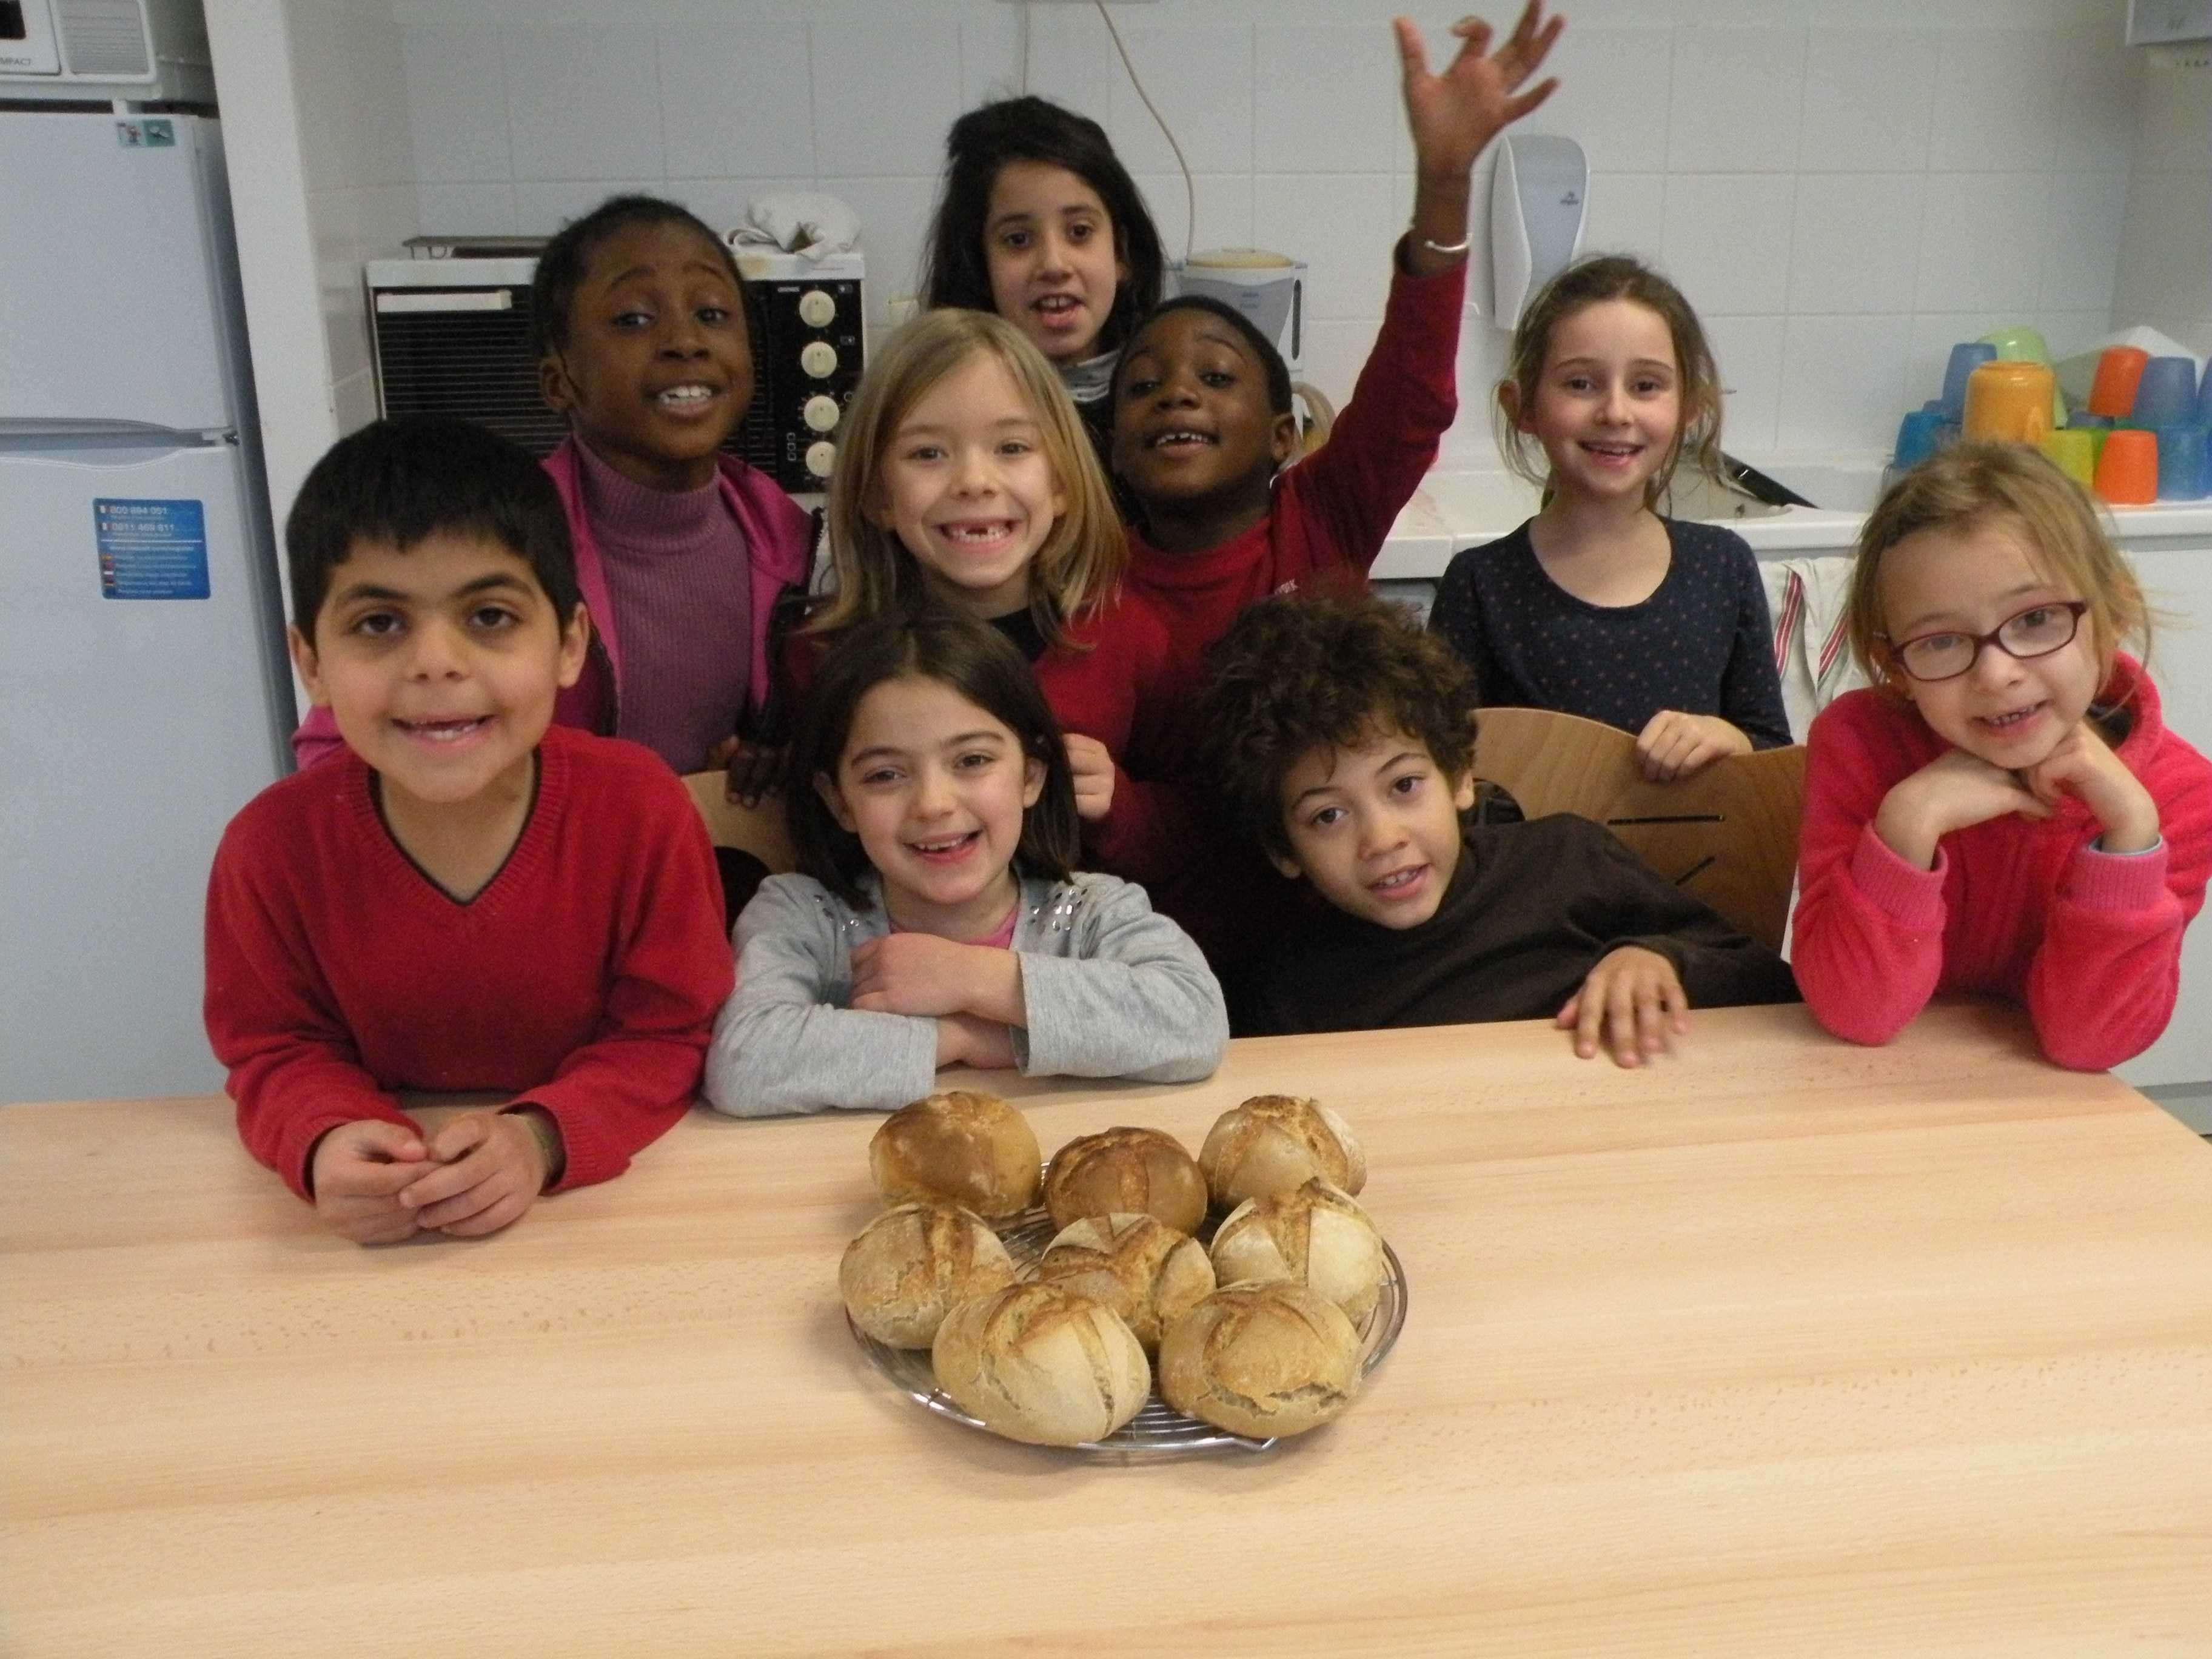 Les petits pains cuits